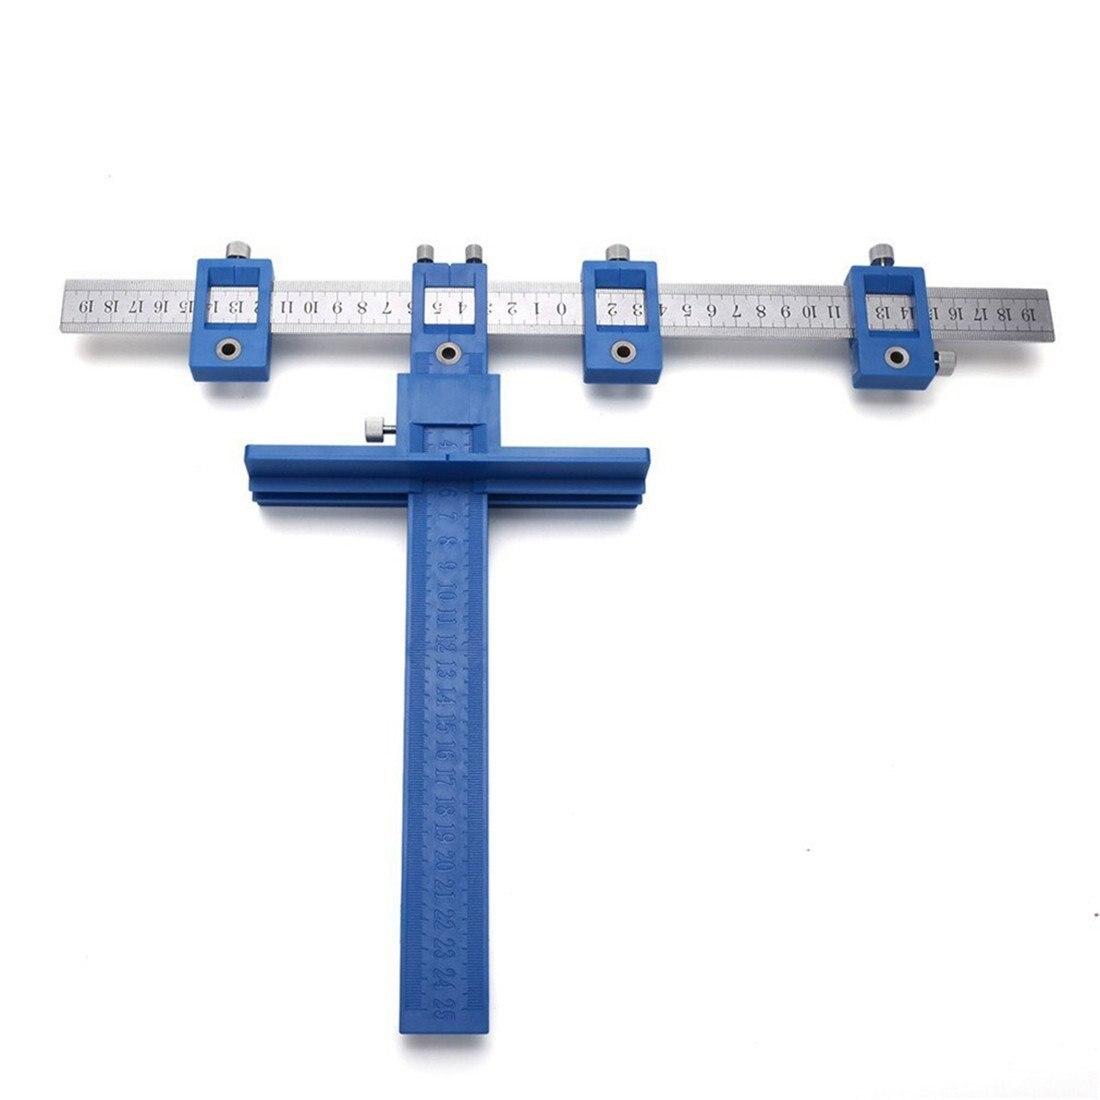 Herrajes para gabinete herramienta de posición verdadera más rápida y precisa perilla y tirador Jig perforación de madera orificio Sierra maestro Syst